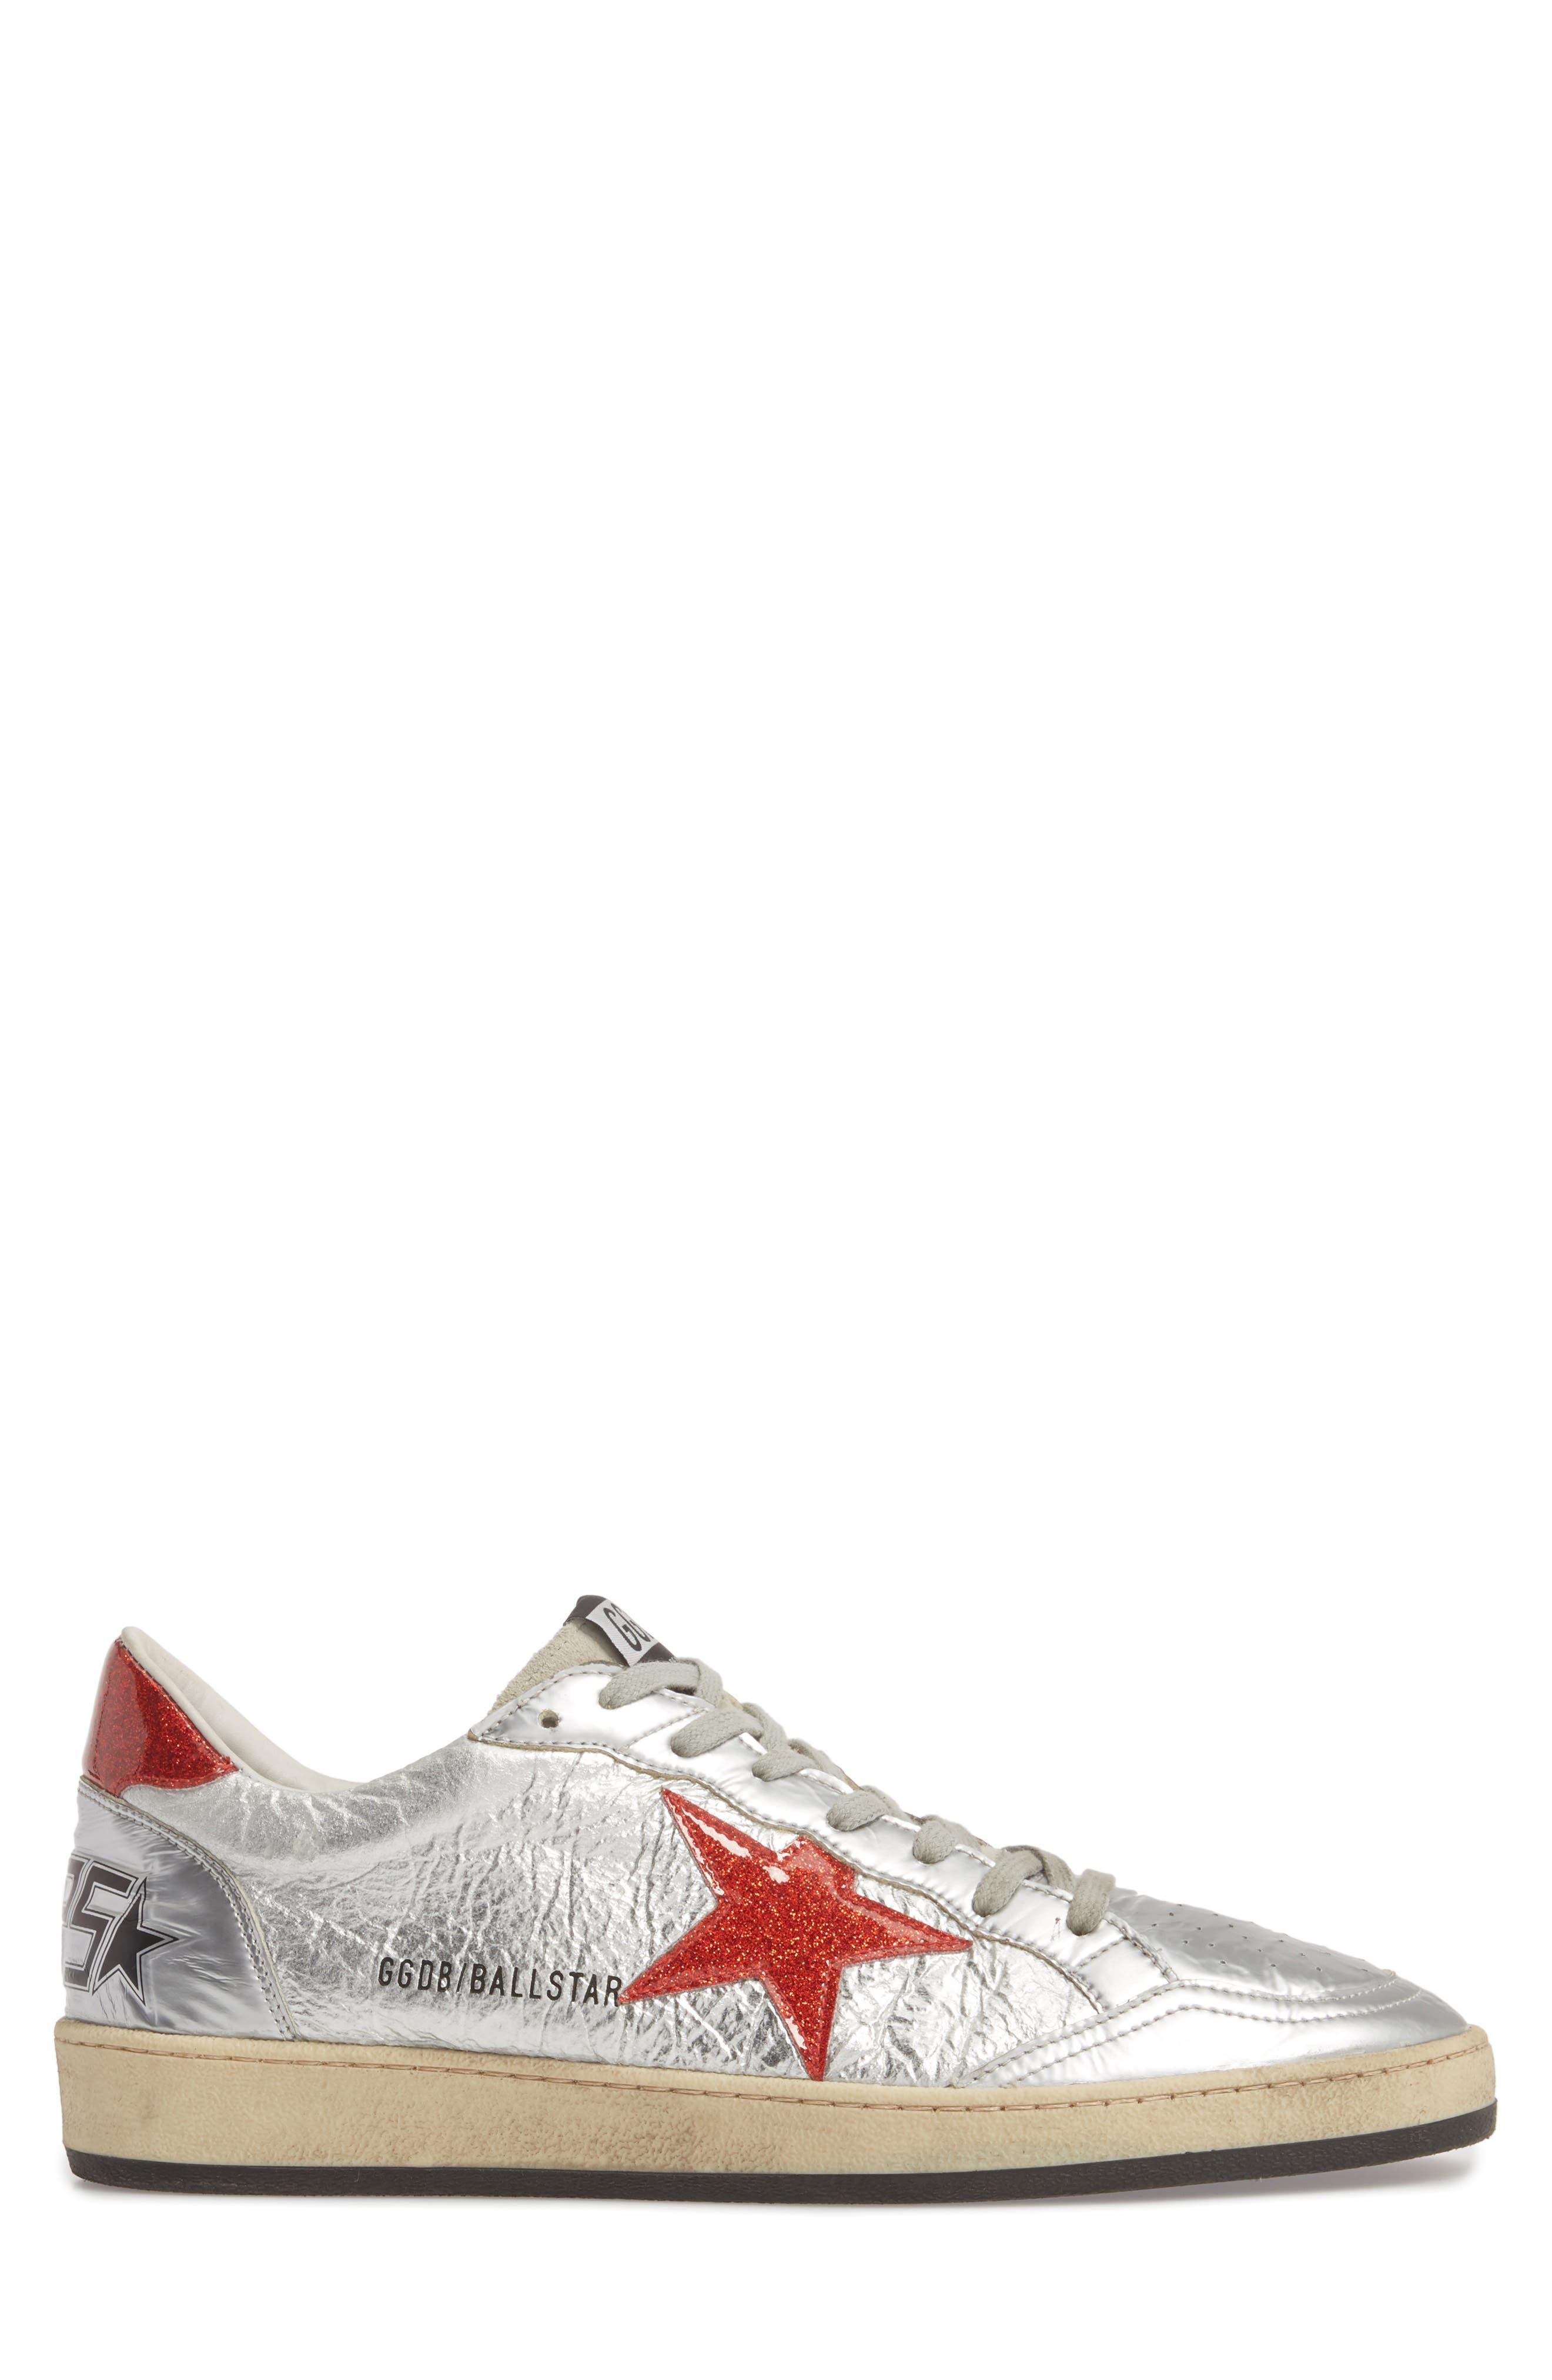 B-Ball Star Sneaker,                             Alternate thumbnail 3, color,                             SILVER-RED GLITTER- STAR DANCE